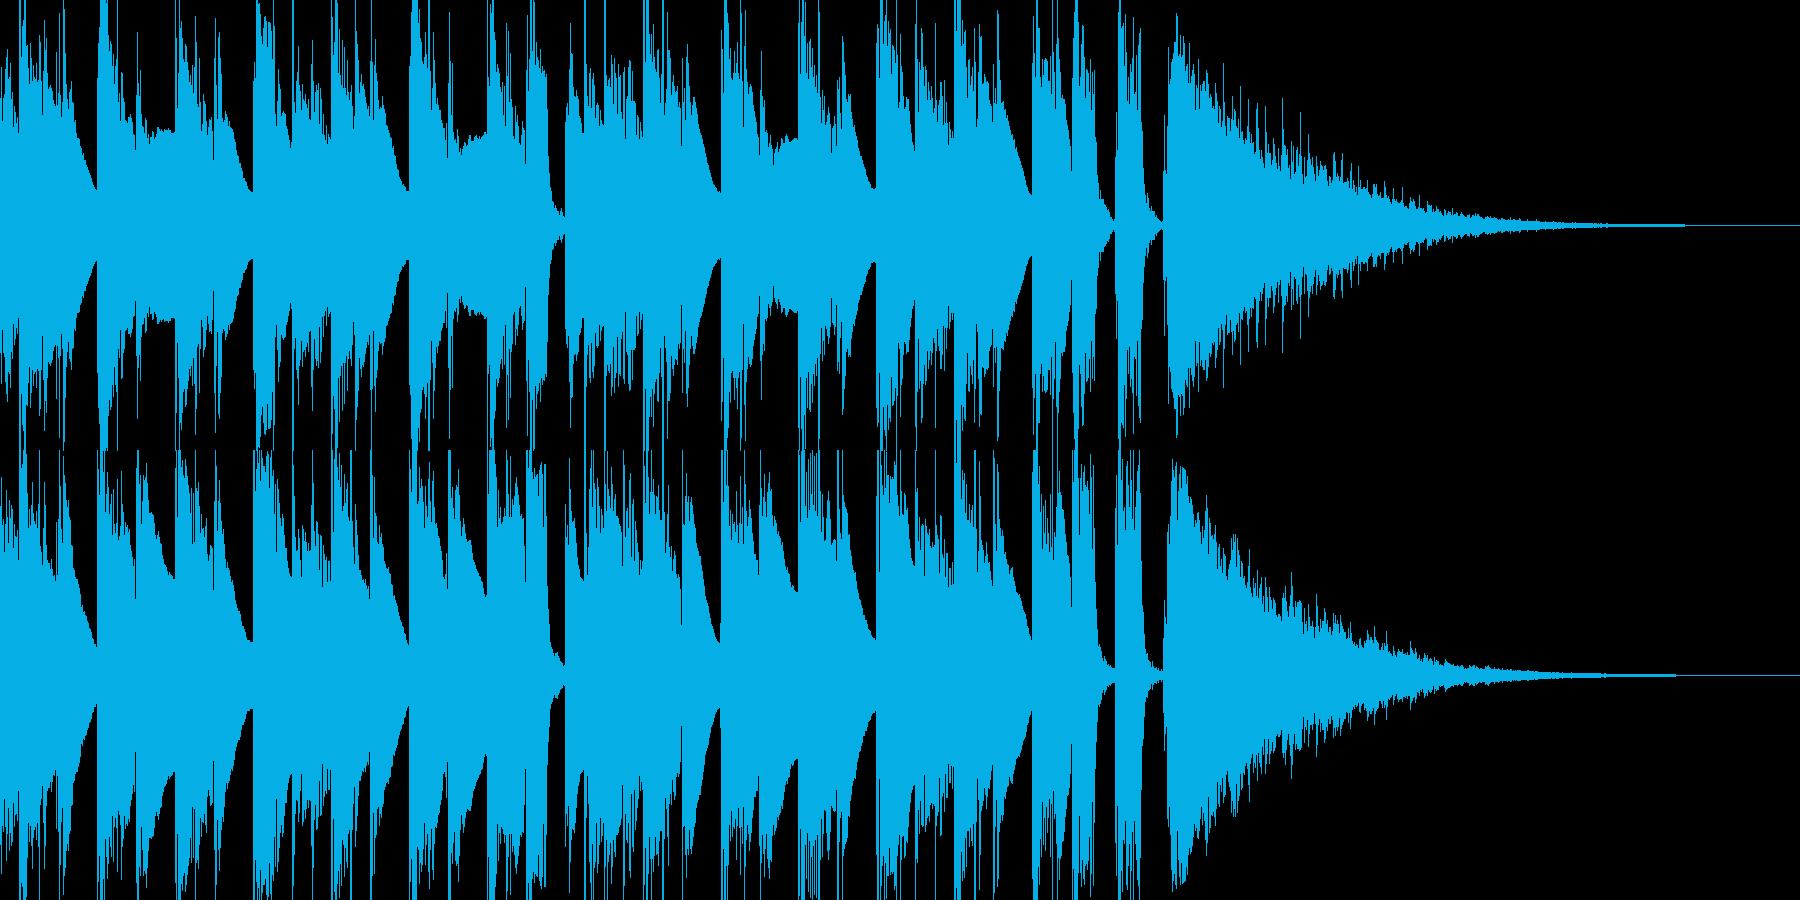 アコギ主体の穏やかで軽やかなジングルの再生済みの波形